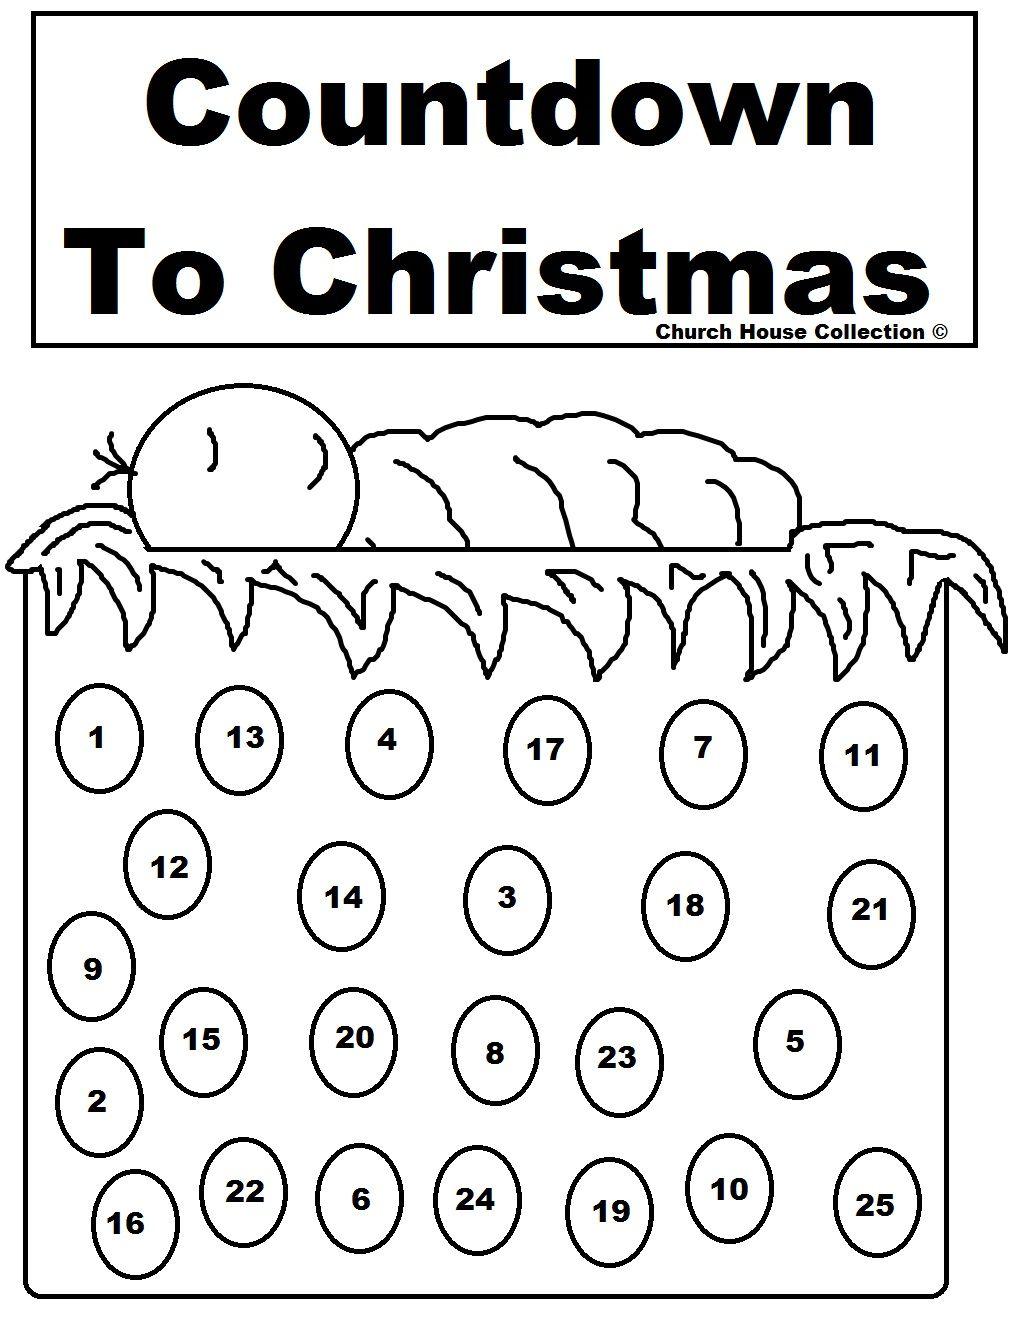 Baby Jesus Advent Calendar Jpg 1 019 1 319 Pixels Printable Advent Calendar Advent Coloring Christmas Countdown Calendar [ 1319 x 1019 Pixel ]